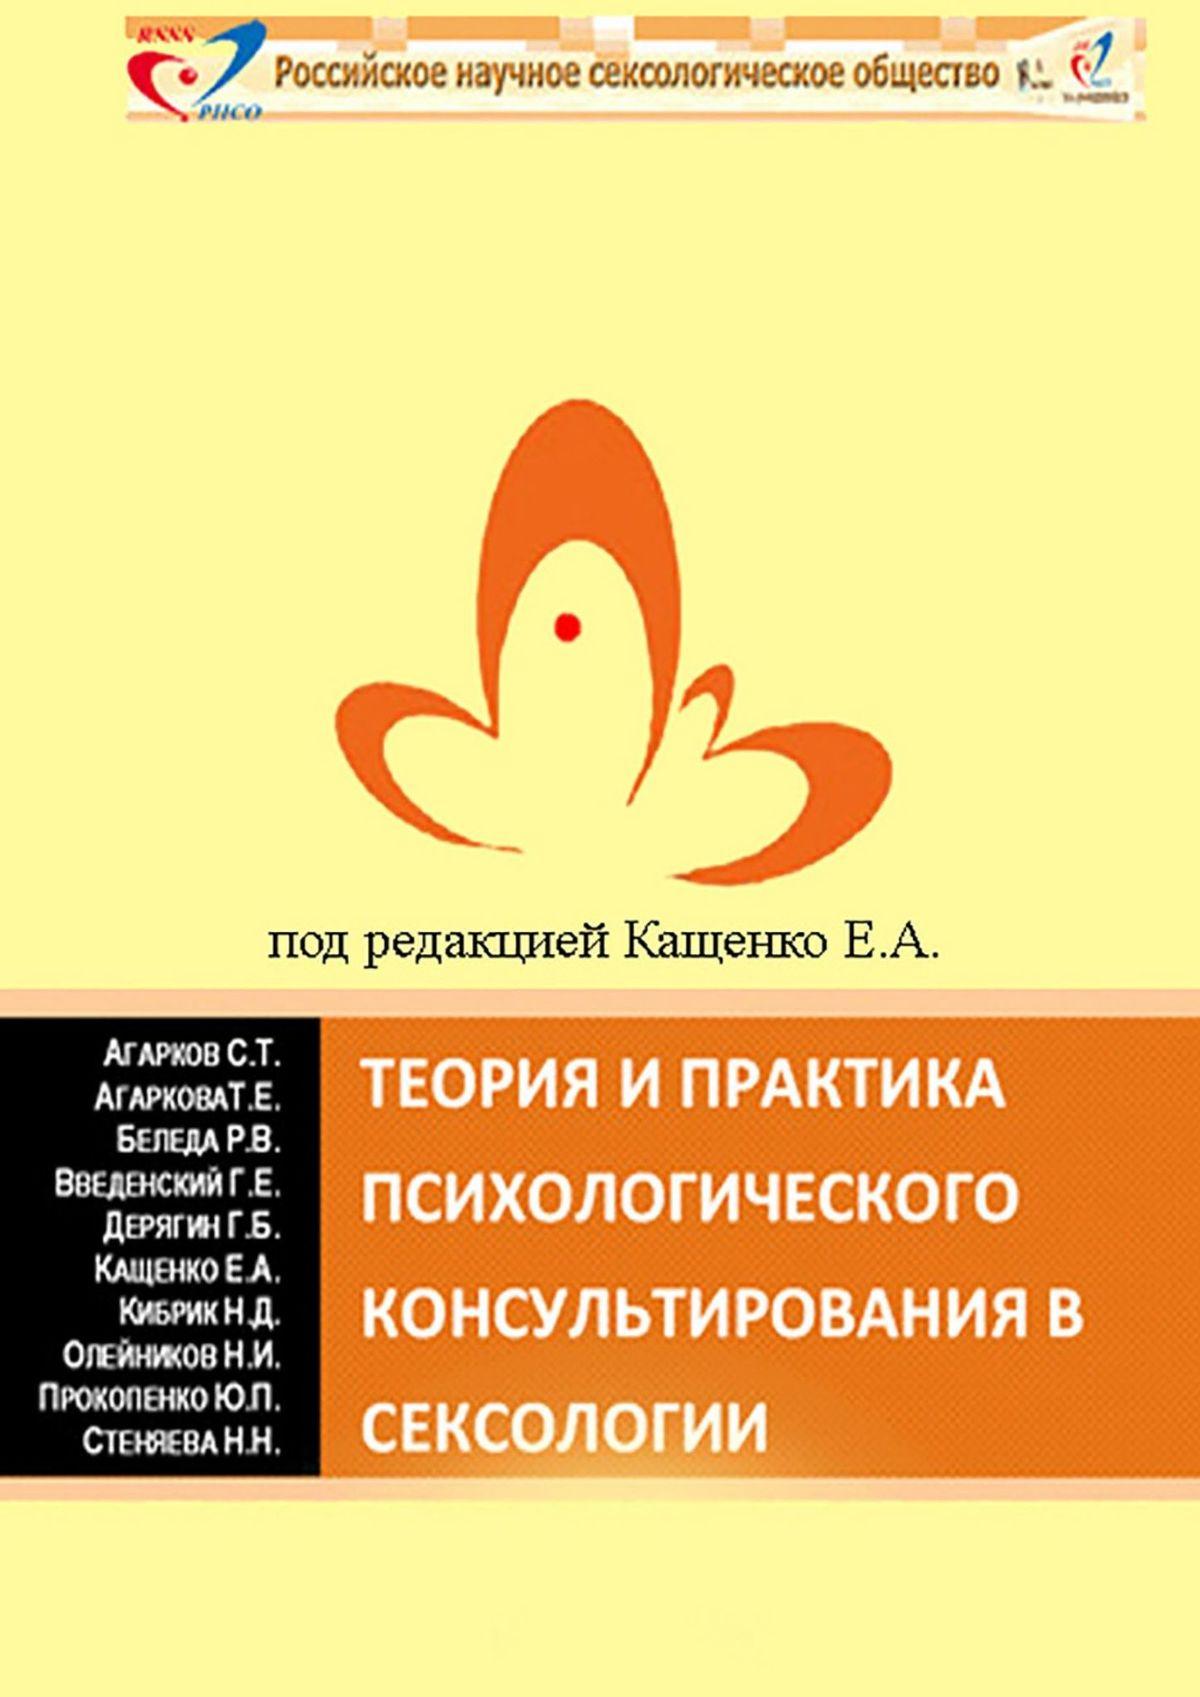 Сергей Агарков Теория ипрактика психологического консультирования всексологии. Избранные лекции вавторской редакции